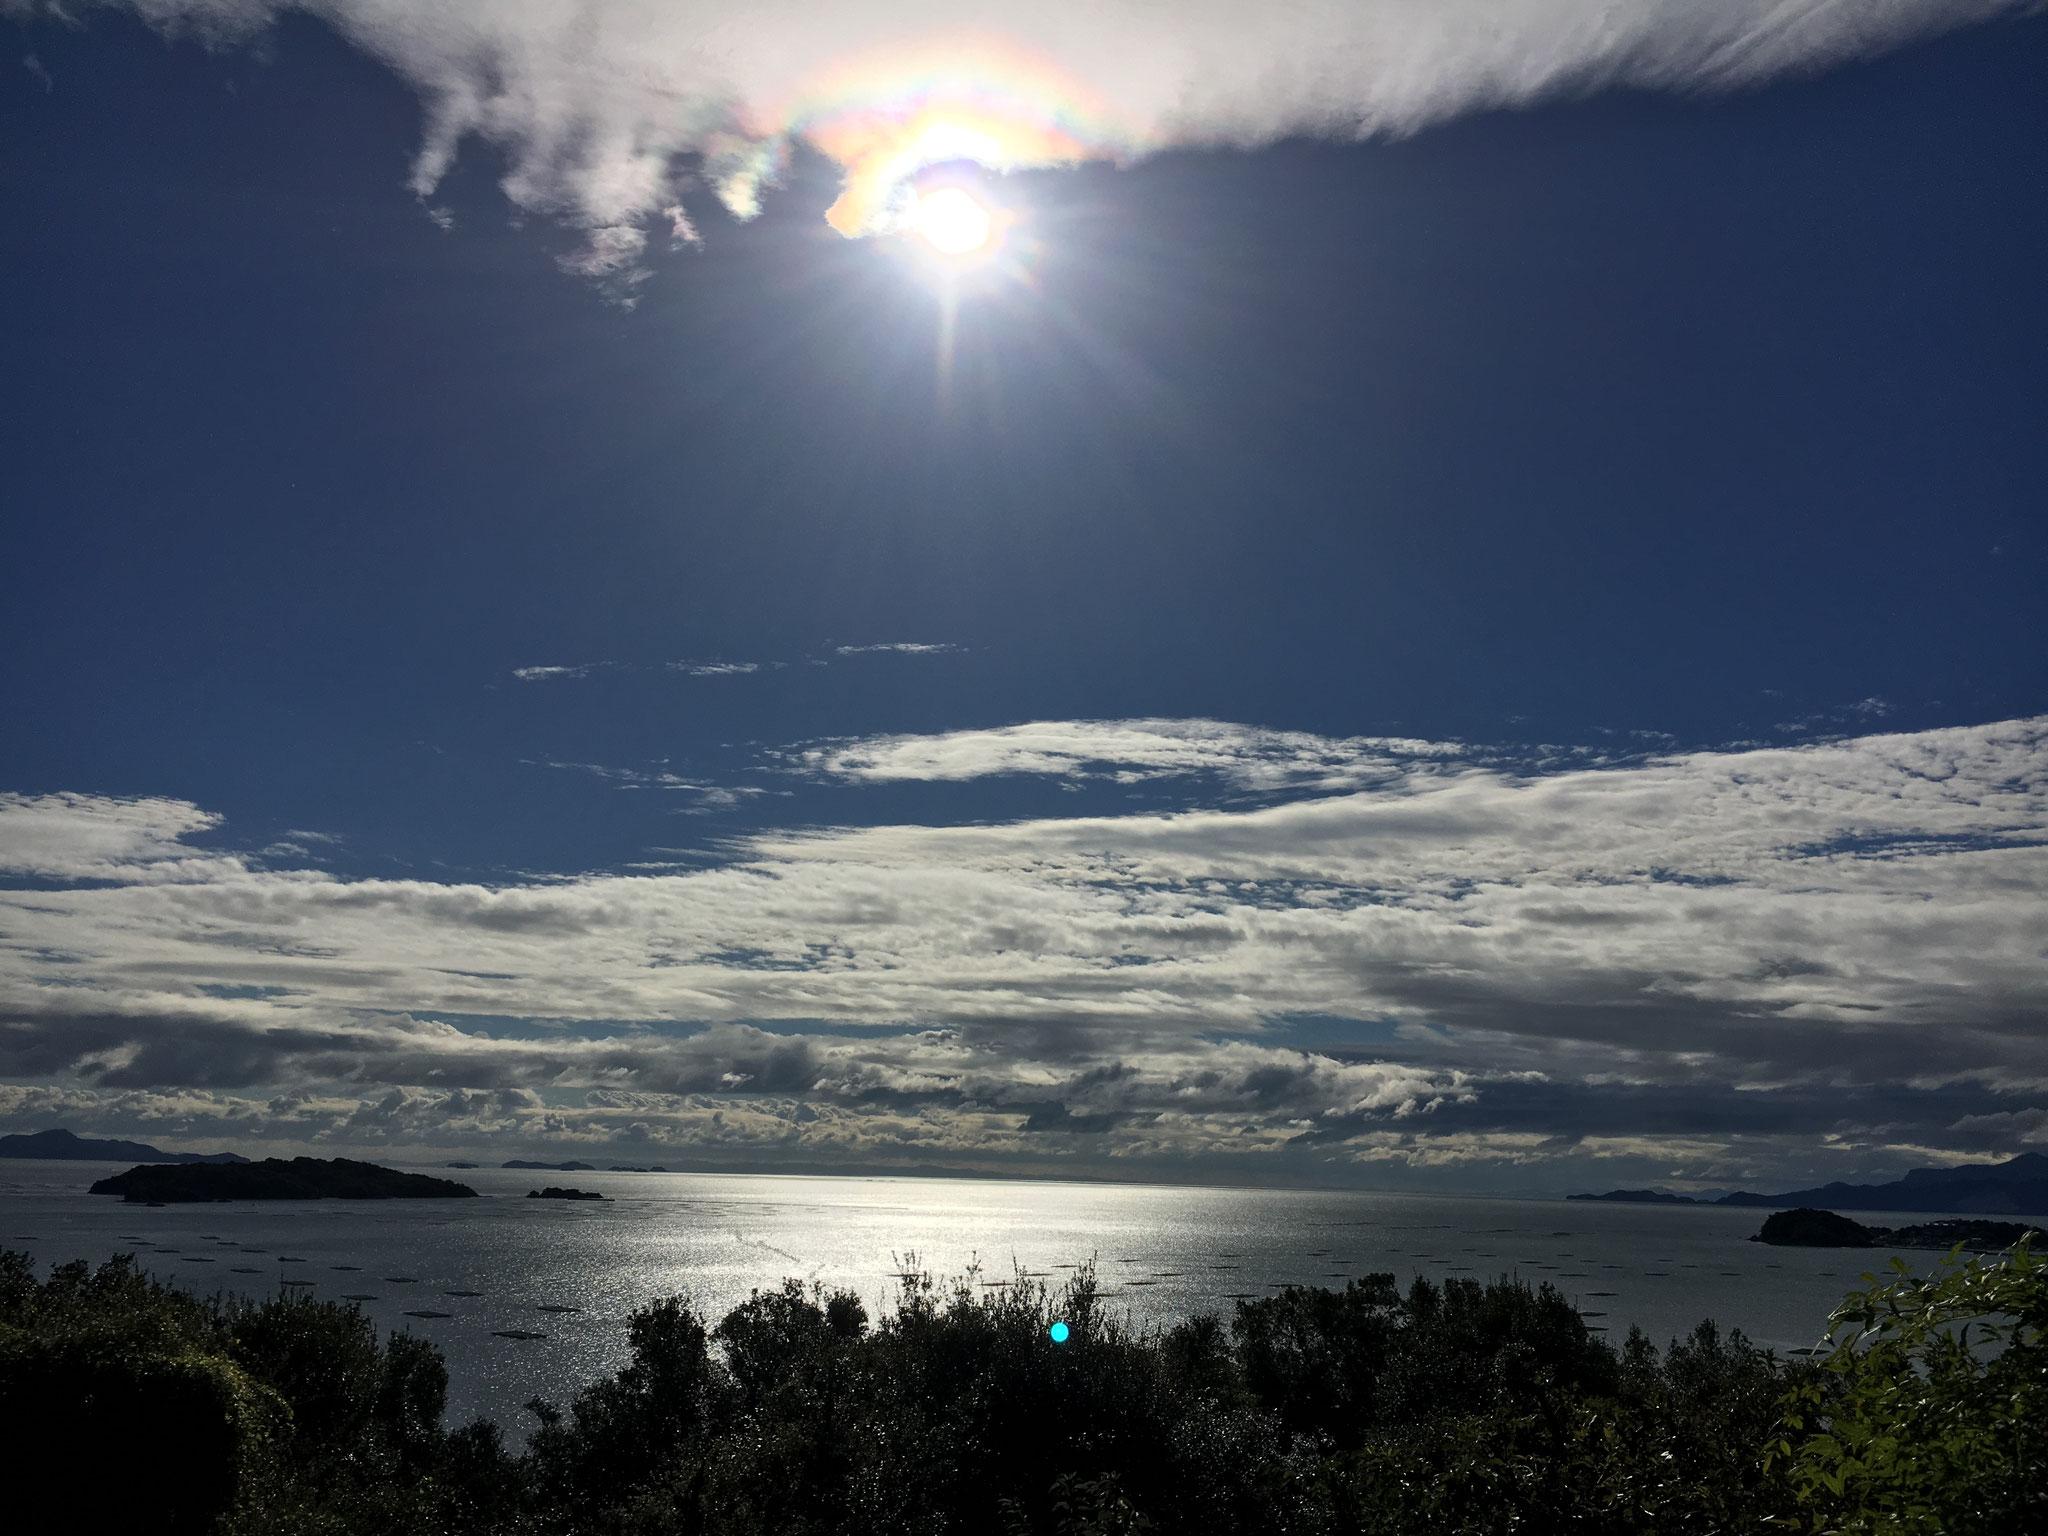 みかん山から見た夏の水平線